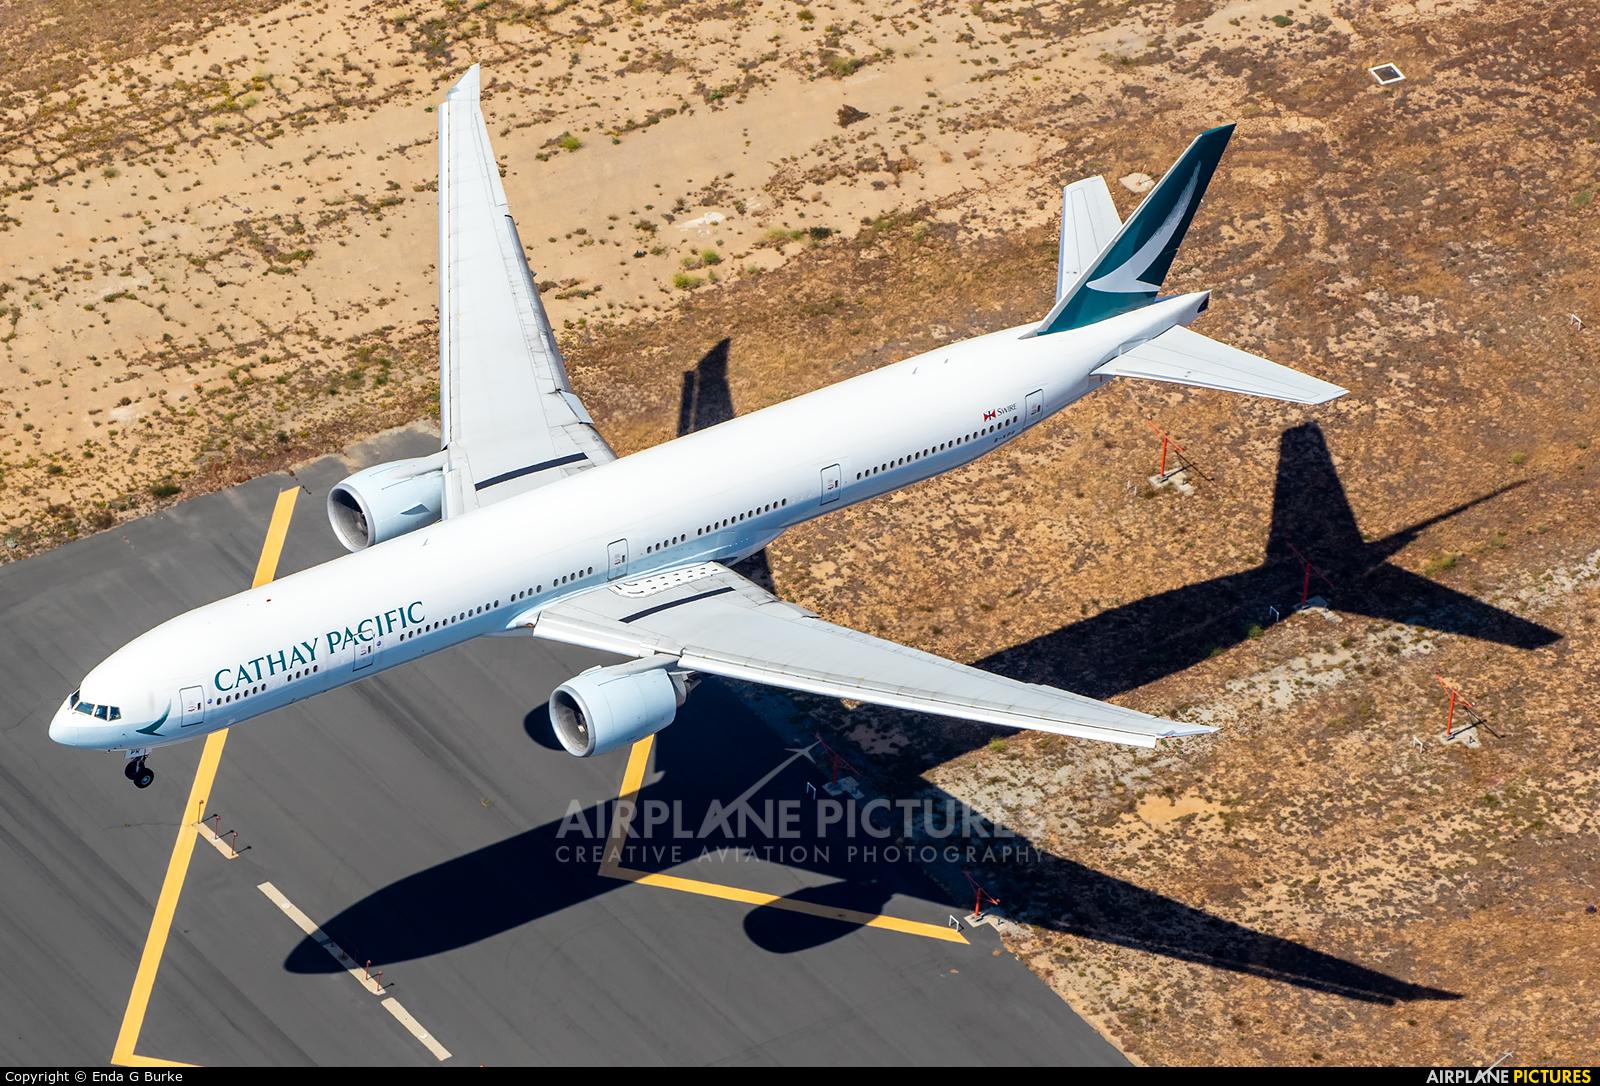 Cathay Pacific B-KPR aircraft at Los Angeles Intl